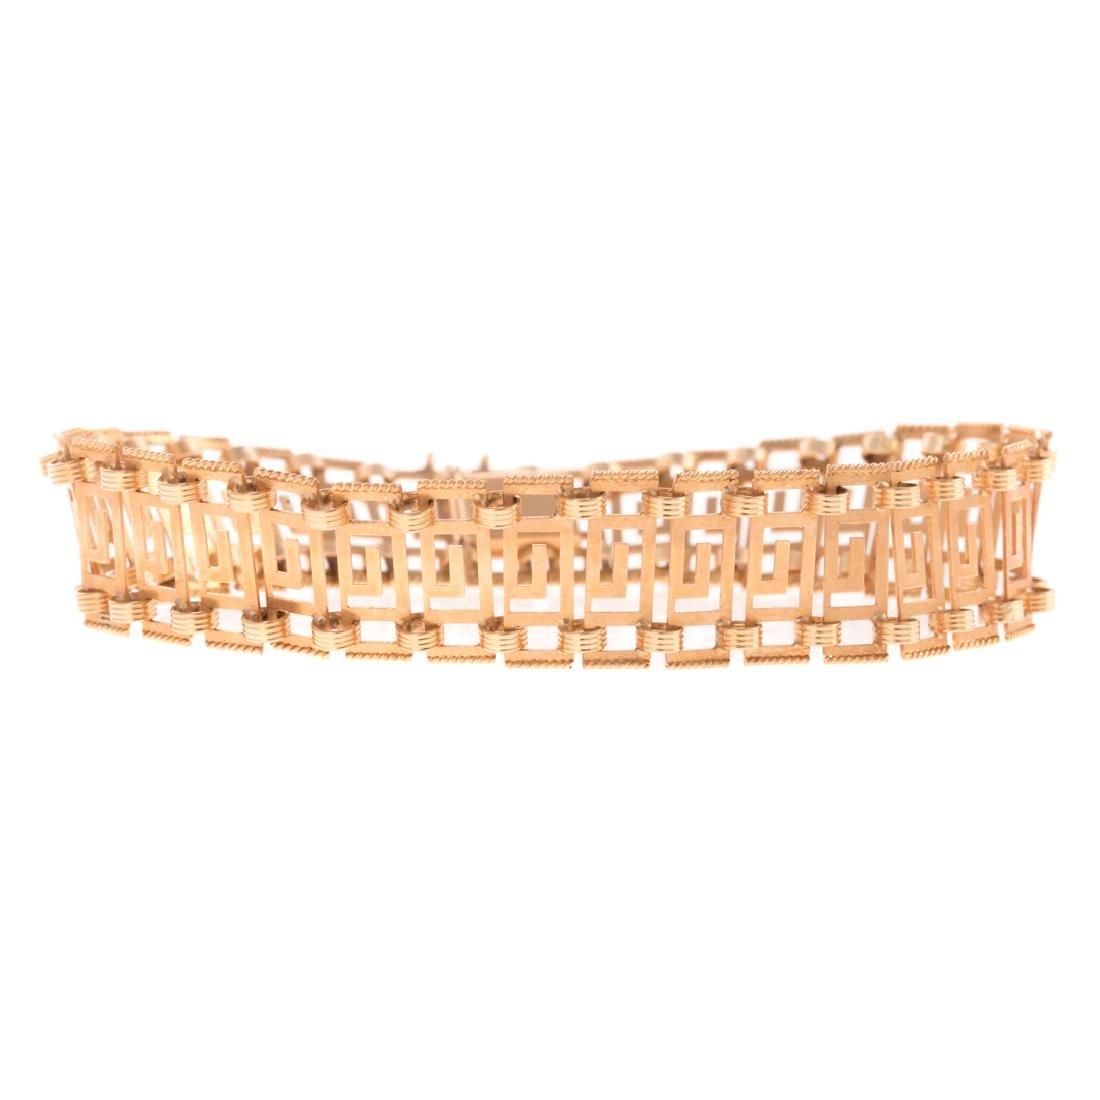 A Lady's Greek Key Designed Bracelet in 18K